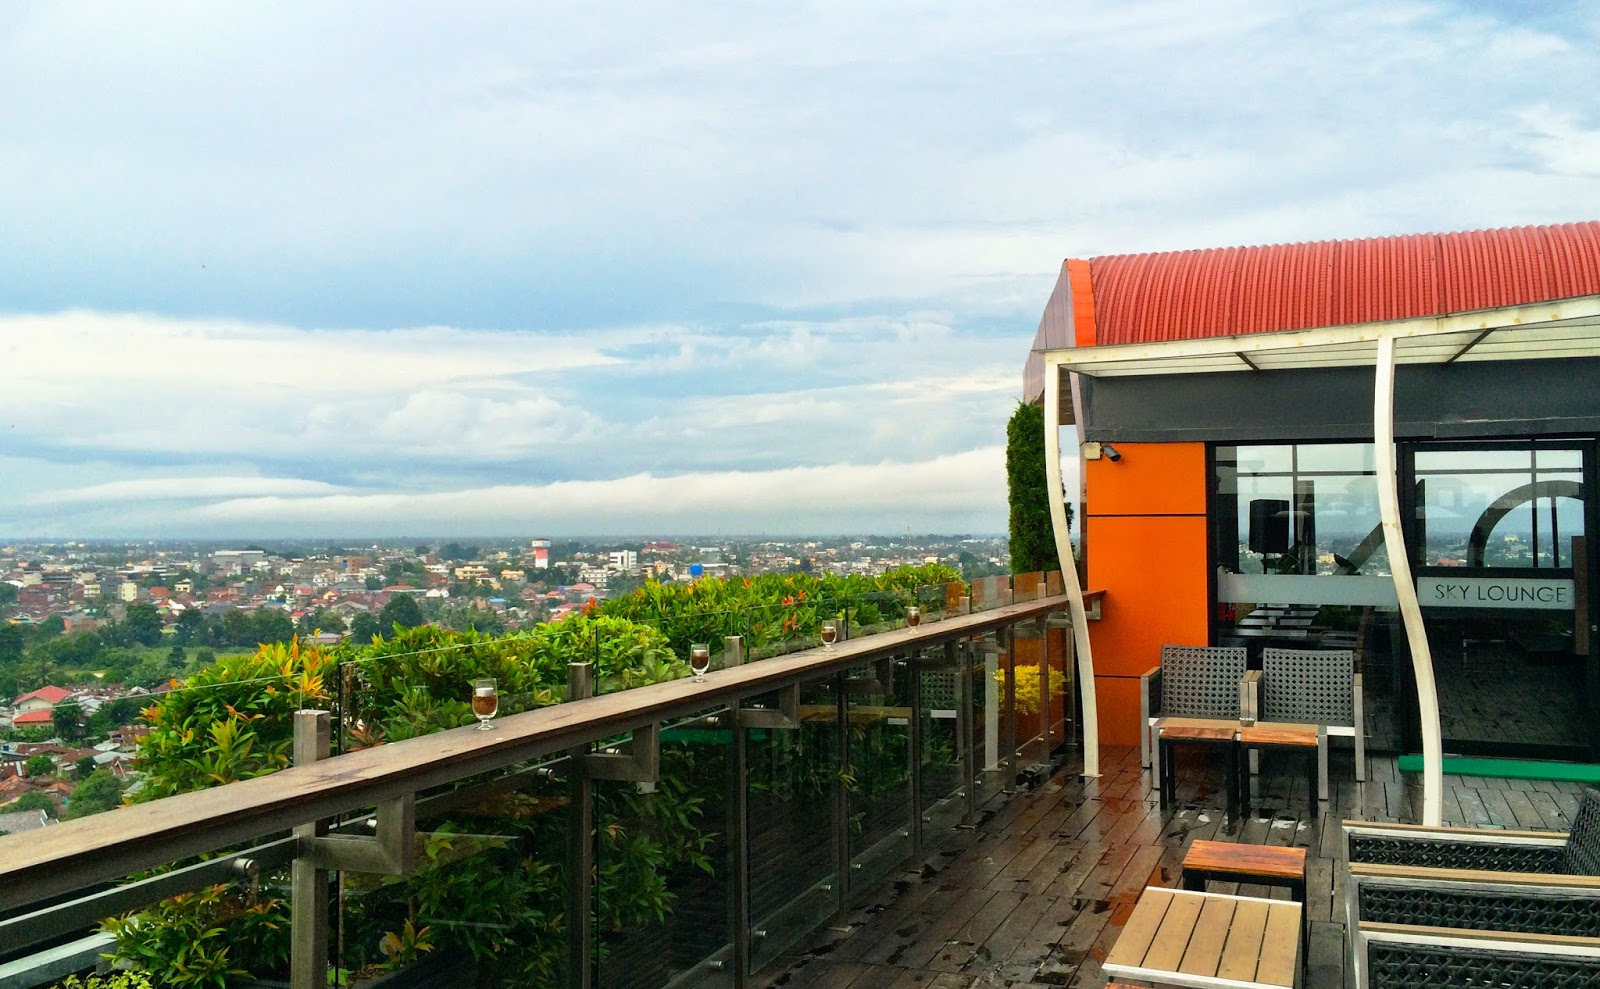 Jalan Kota Jambi Sehari Adambition Setelah Menunggu Malam Sky Lounge